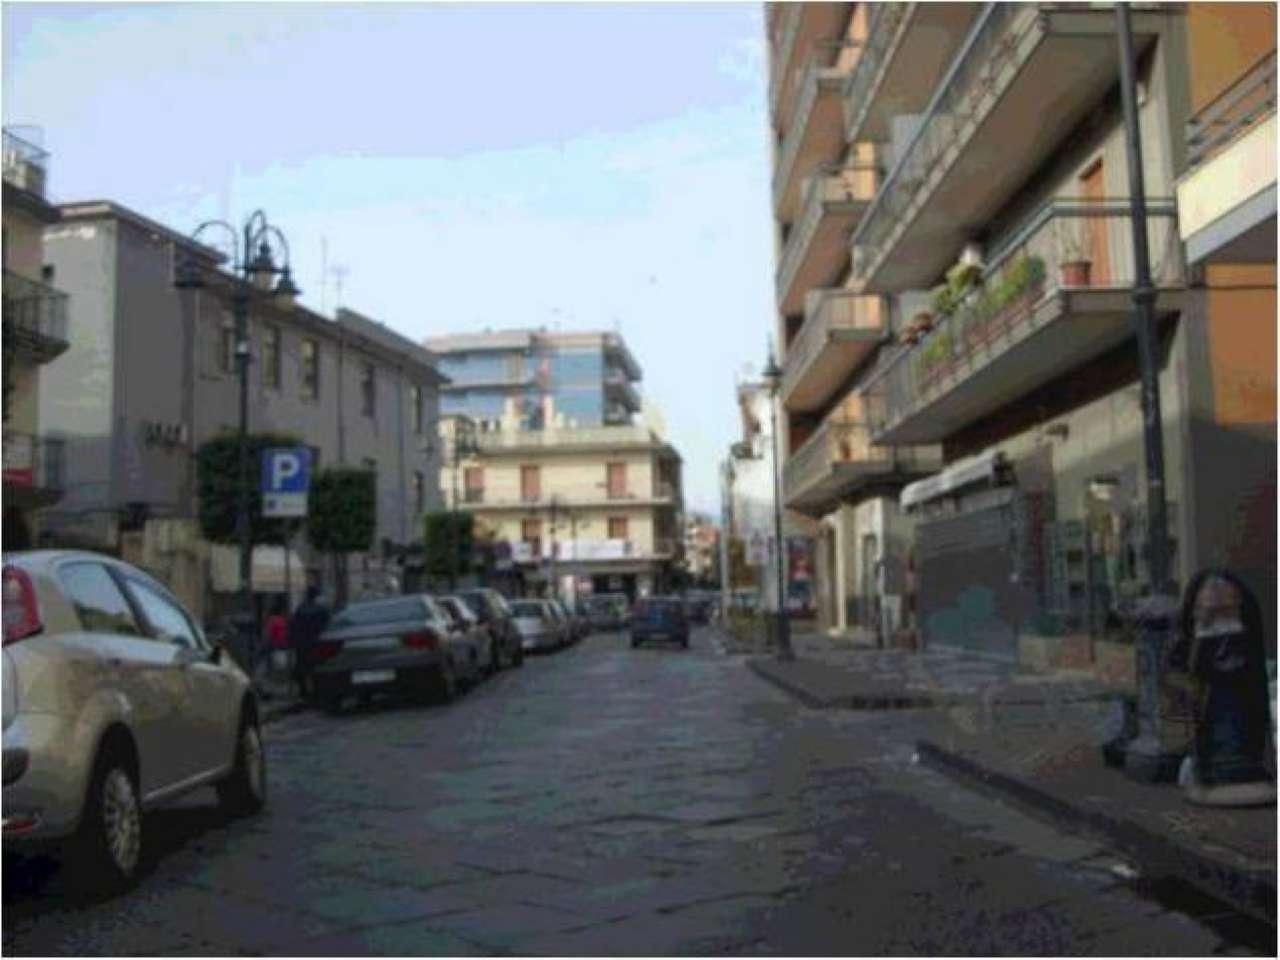 Soluzione Indipendente in vendita a Poggiomarino, 3 locali, prezzo € 145.000   Cambio Casa.it